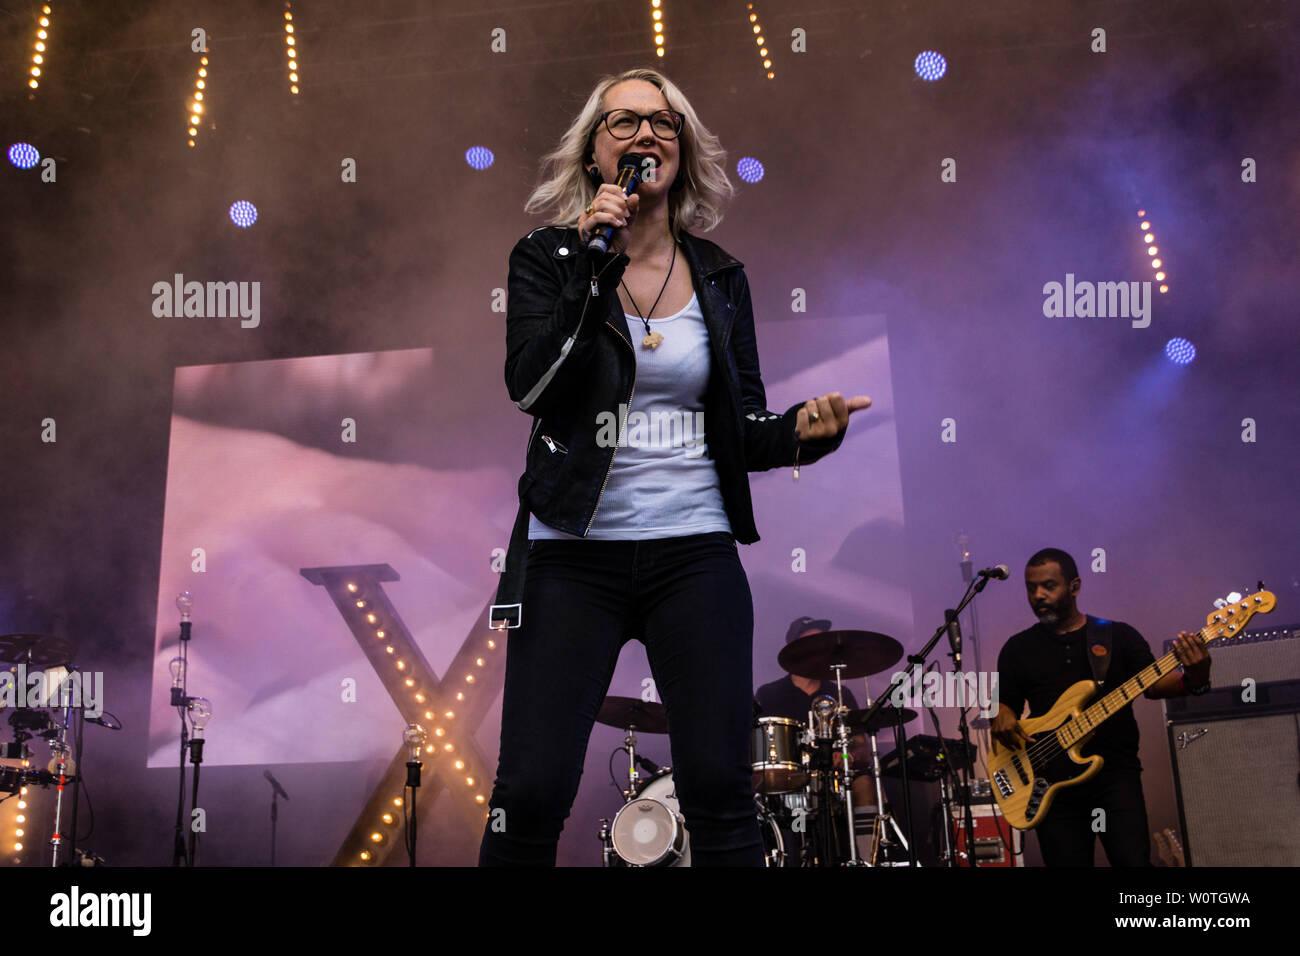 Kiel, Germany - June 16, 2018: Stefanie Heinemann is performing in the Rathaustage during Kiel Week 2018 Stock Photo